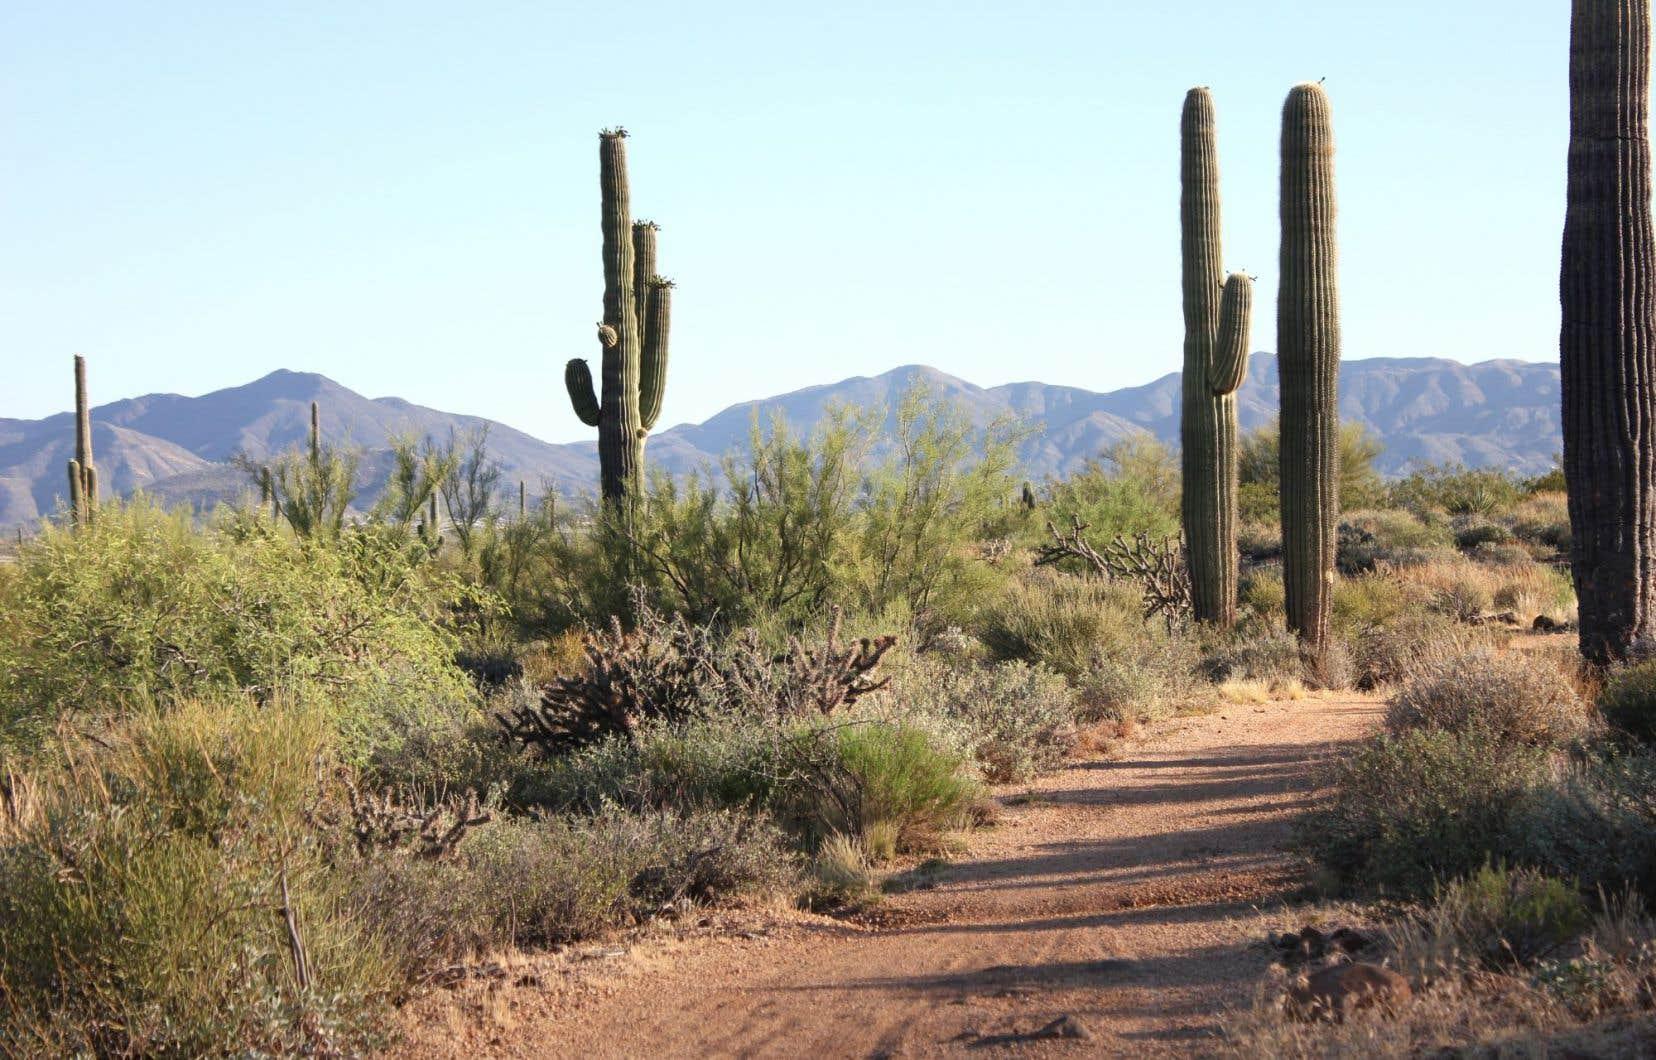 Au programme: randonnée dans la chaleur désertique au cœur du paysage cinématographique de Brown's Ranch, dans le McDowell Sonoran Preserve, un parc protégé de 30000 acres.